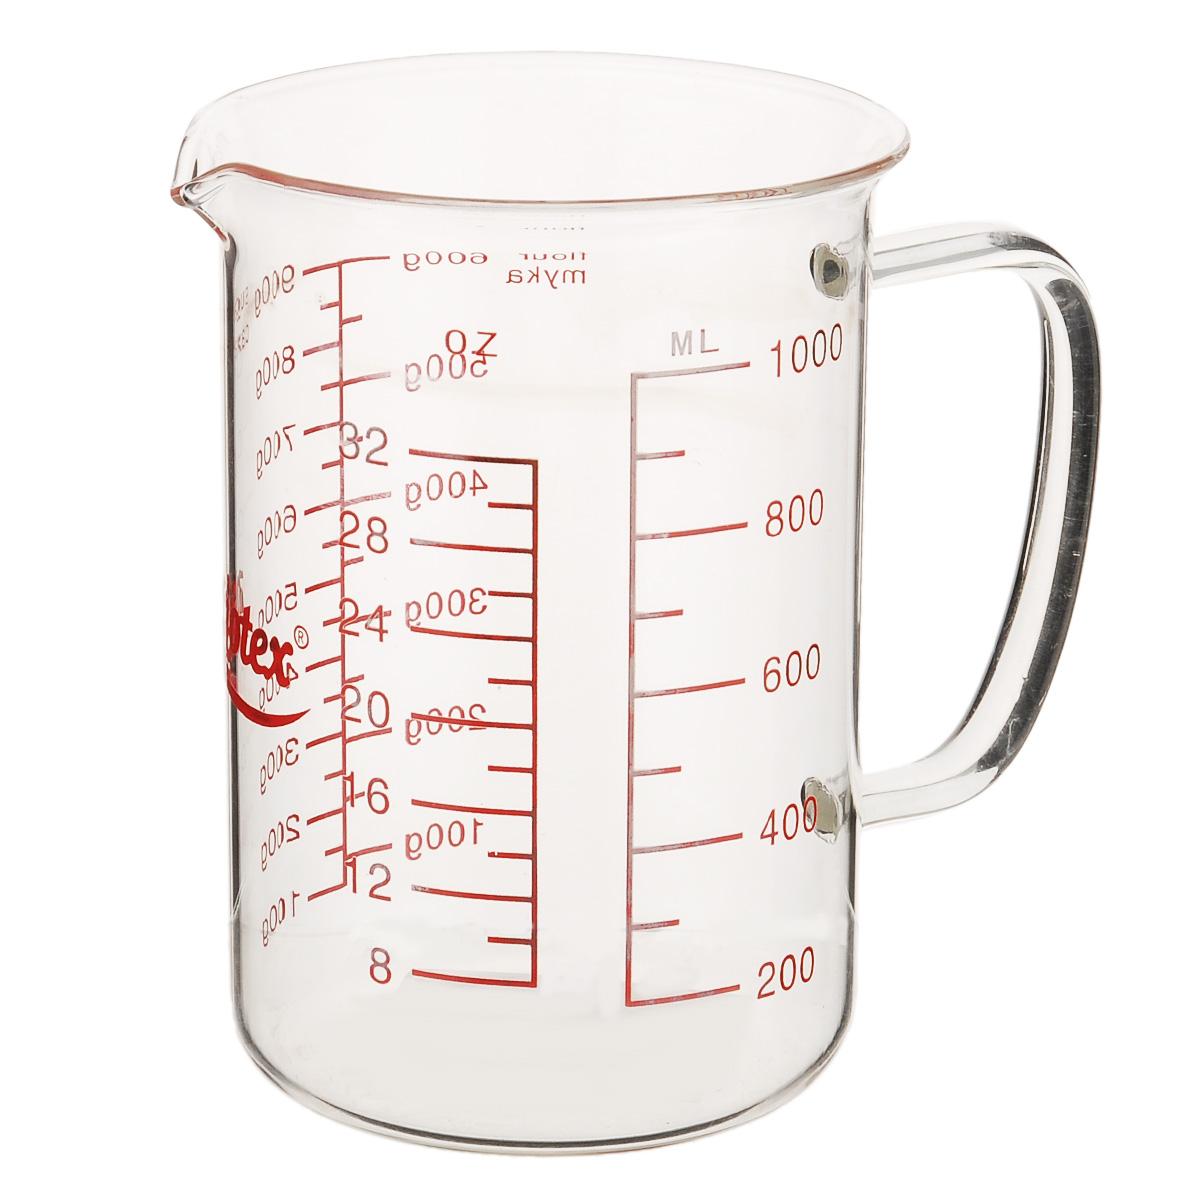 Стакан мерный Mijotex, 1 лMC18Мерный прозрачный стакан Mijotex выполнен из высококачественного стекла. Стакан оснащен удобной ручкой и носиком, которые делают изделие еще более простым в использовании. Он позволяет мерить жидкости до 1000 мл, также есть шкала измерения в унциях (oz). Такой стаканчик пригодится на каждой кухне, ведь зачастую приготовление некоторых блюд требует известной точности.Объем: 1000 мл.Диаметр (по верхнему краю): 11 см.Высота: 15,5 см.